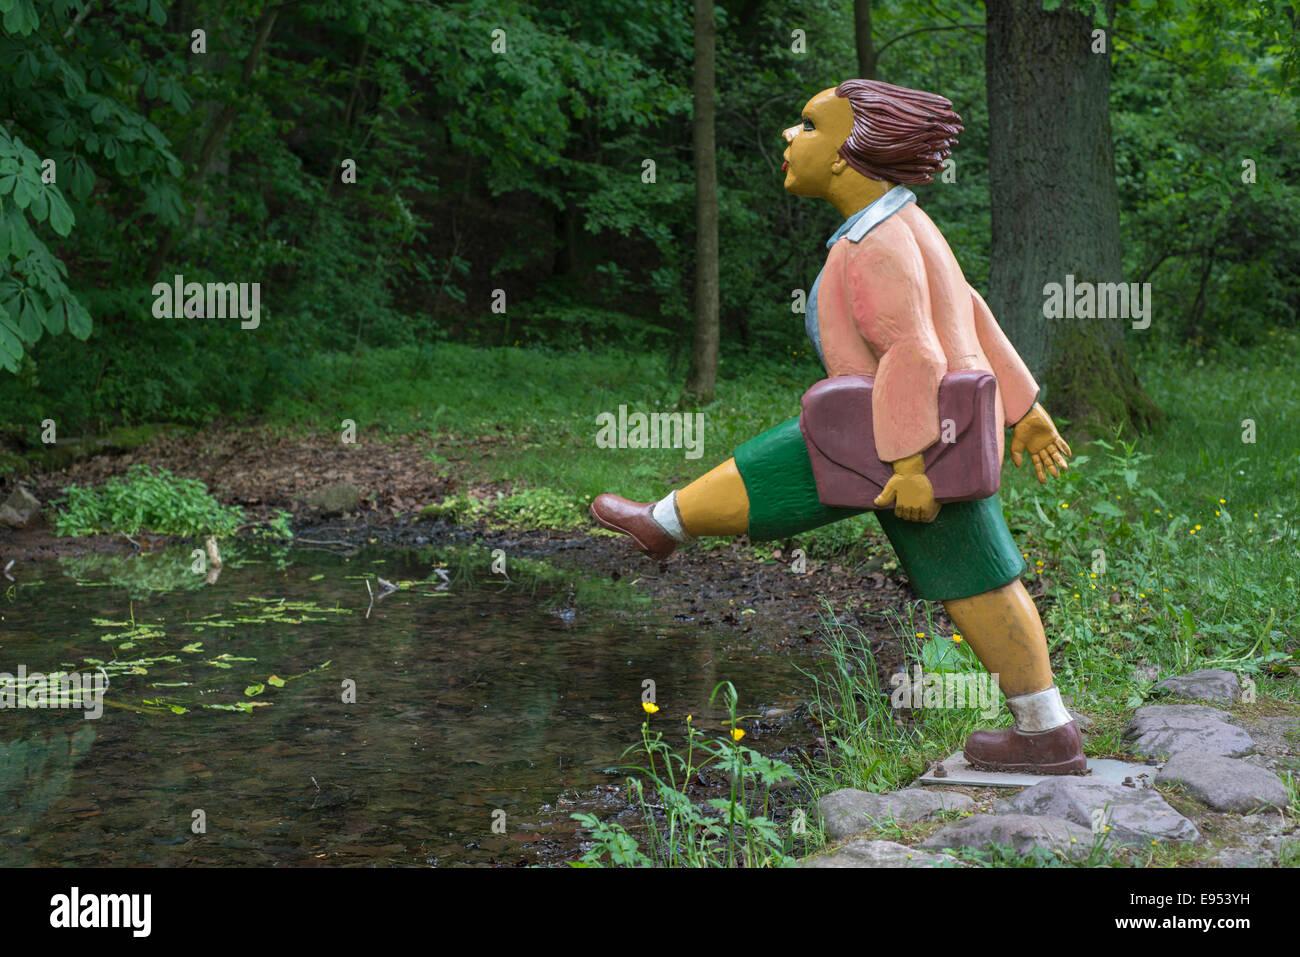 Personnage principal de 'l'histoire de Johnny Tête-en-L'Air', dans le truwwelpeter' le Photo Stock